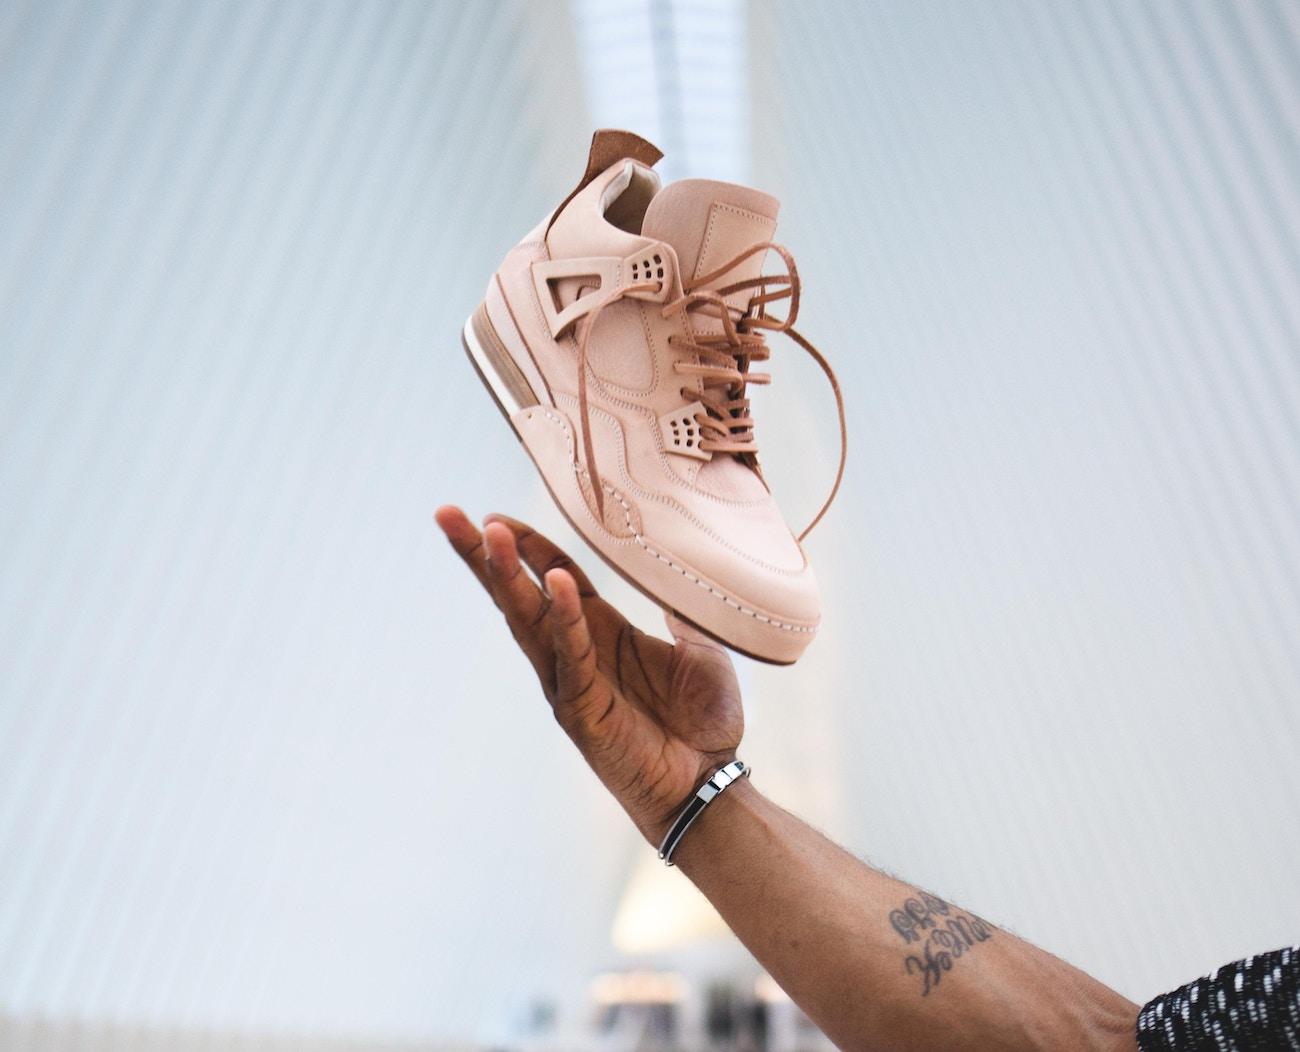 sneakers - unsplash - nicholas bui